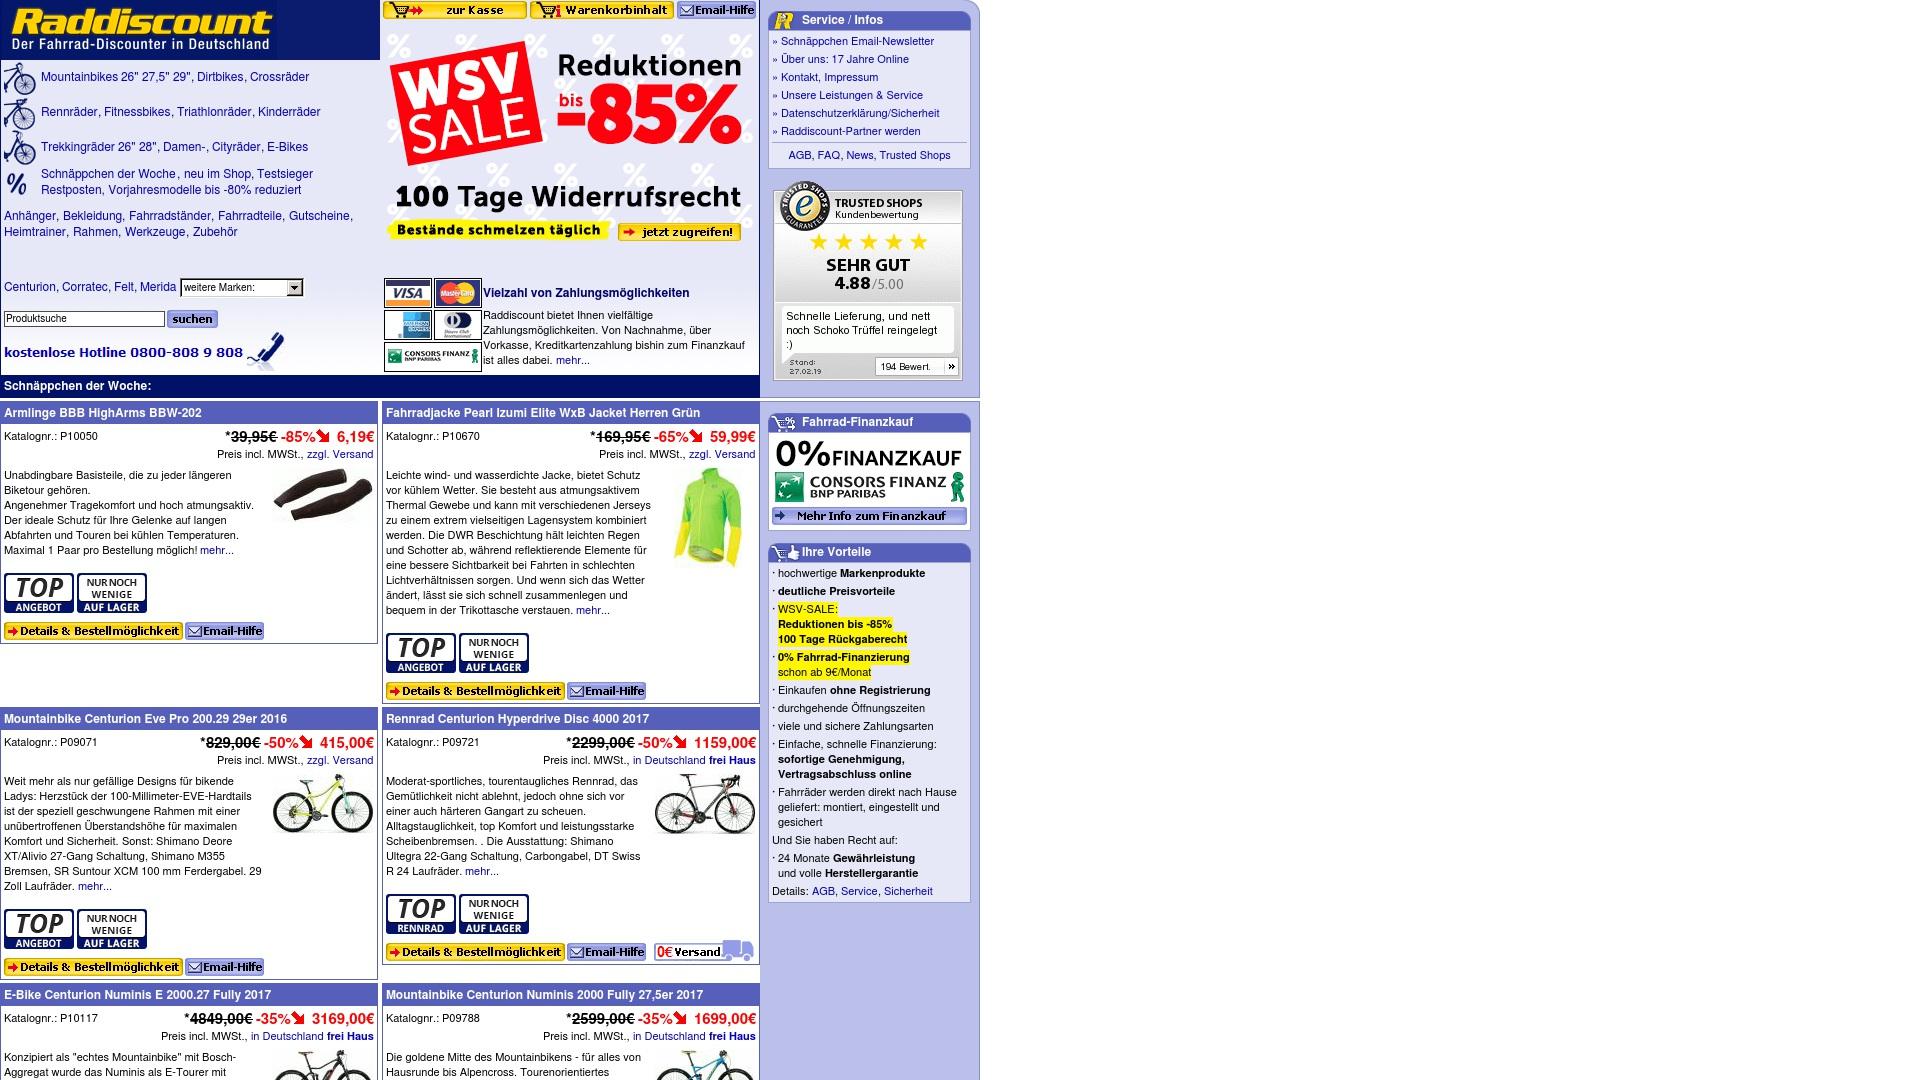 Gutschein für Raddiscount: Rabatte für  Raddiscount sichern